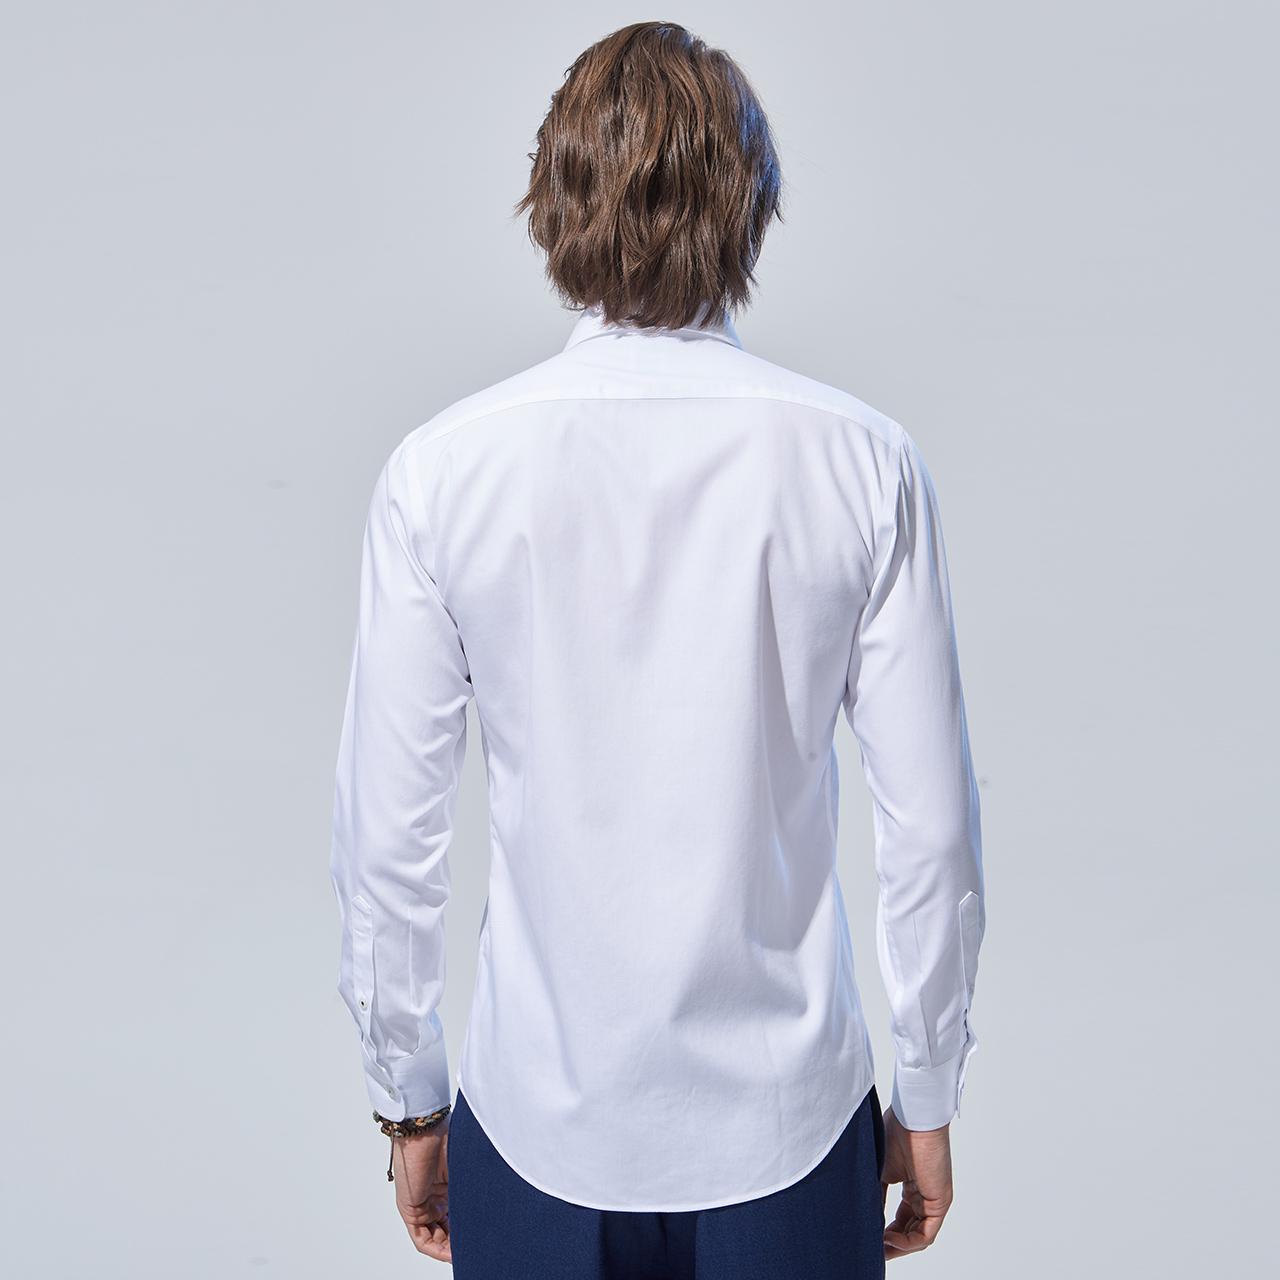 恺米切青年男士长袖衬衫  秋冬休闲白色纯棉百搭衬衣